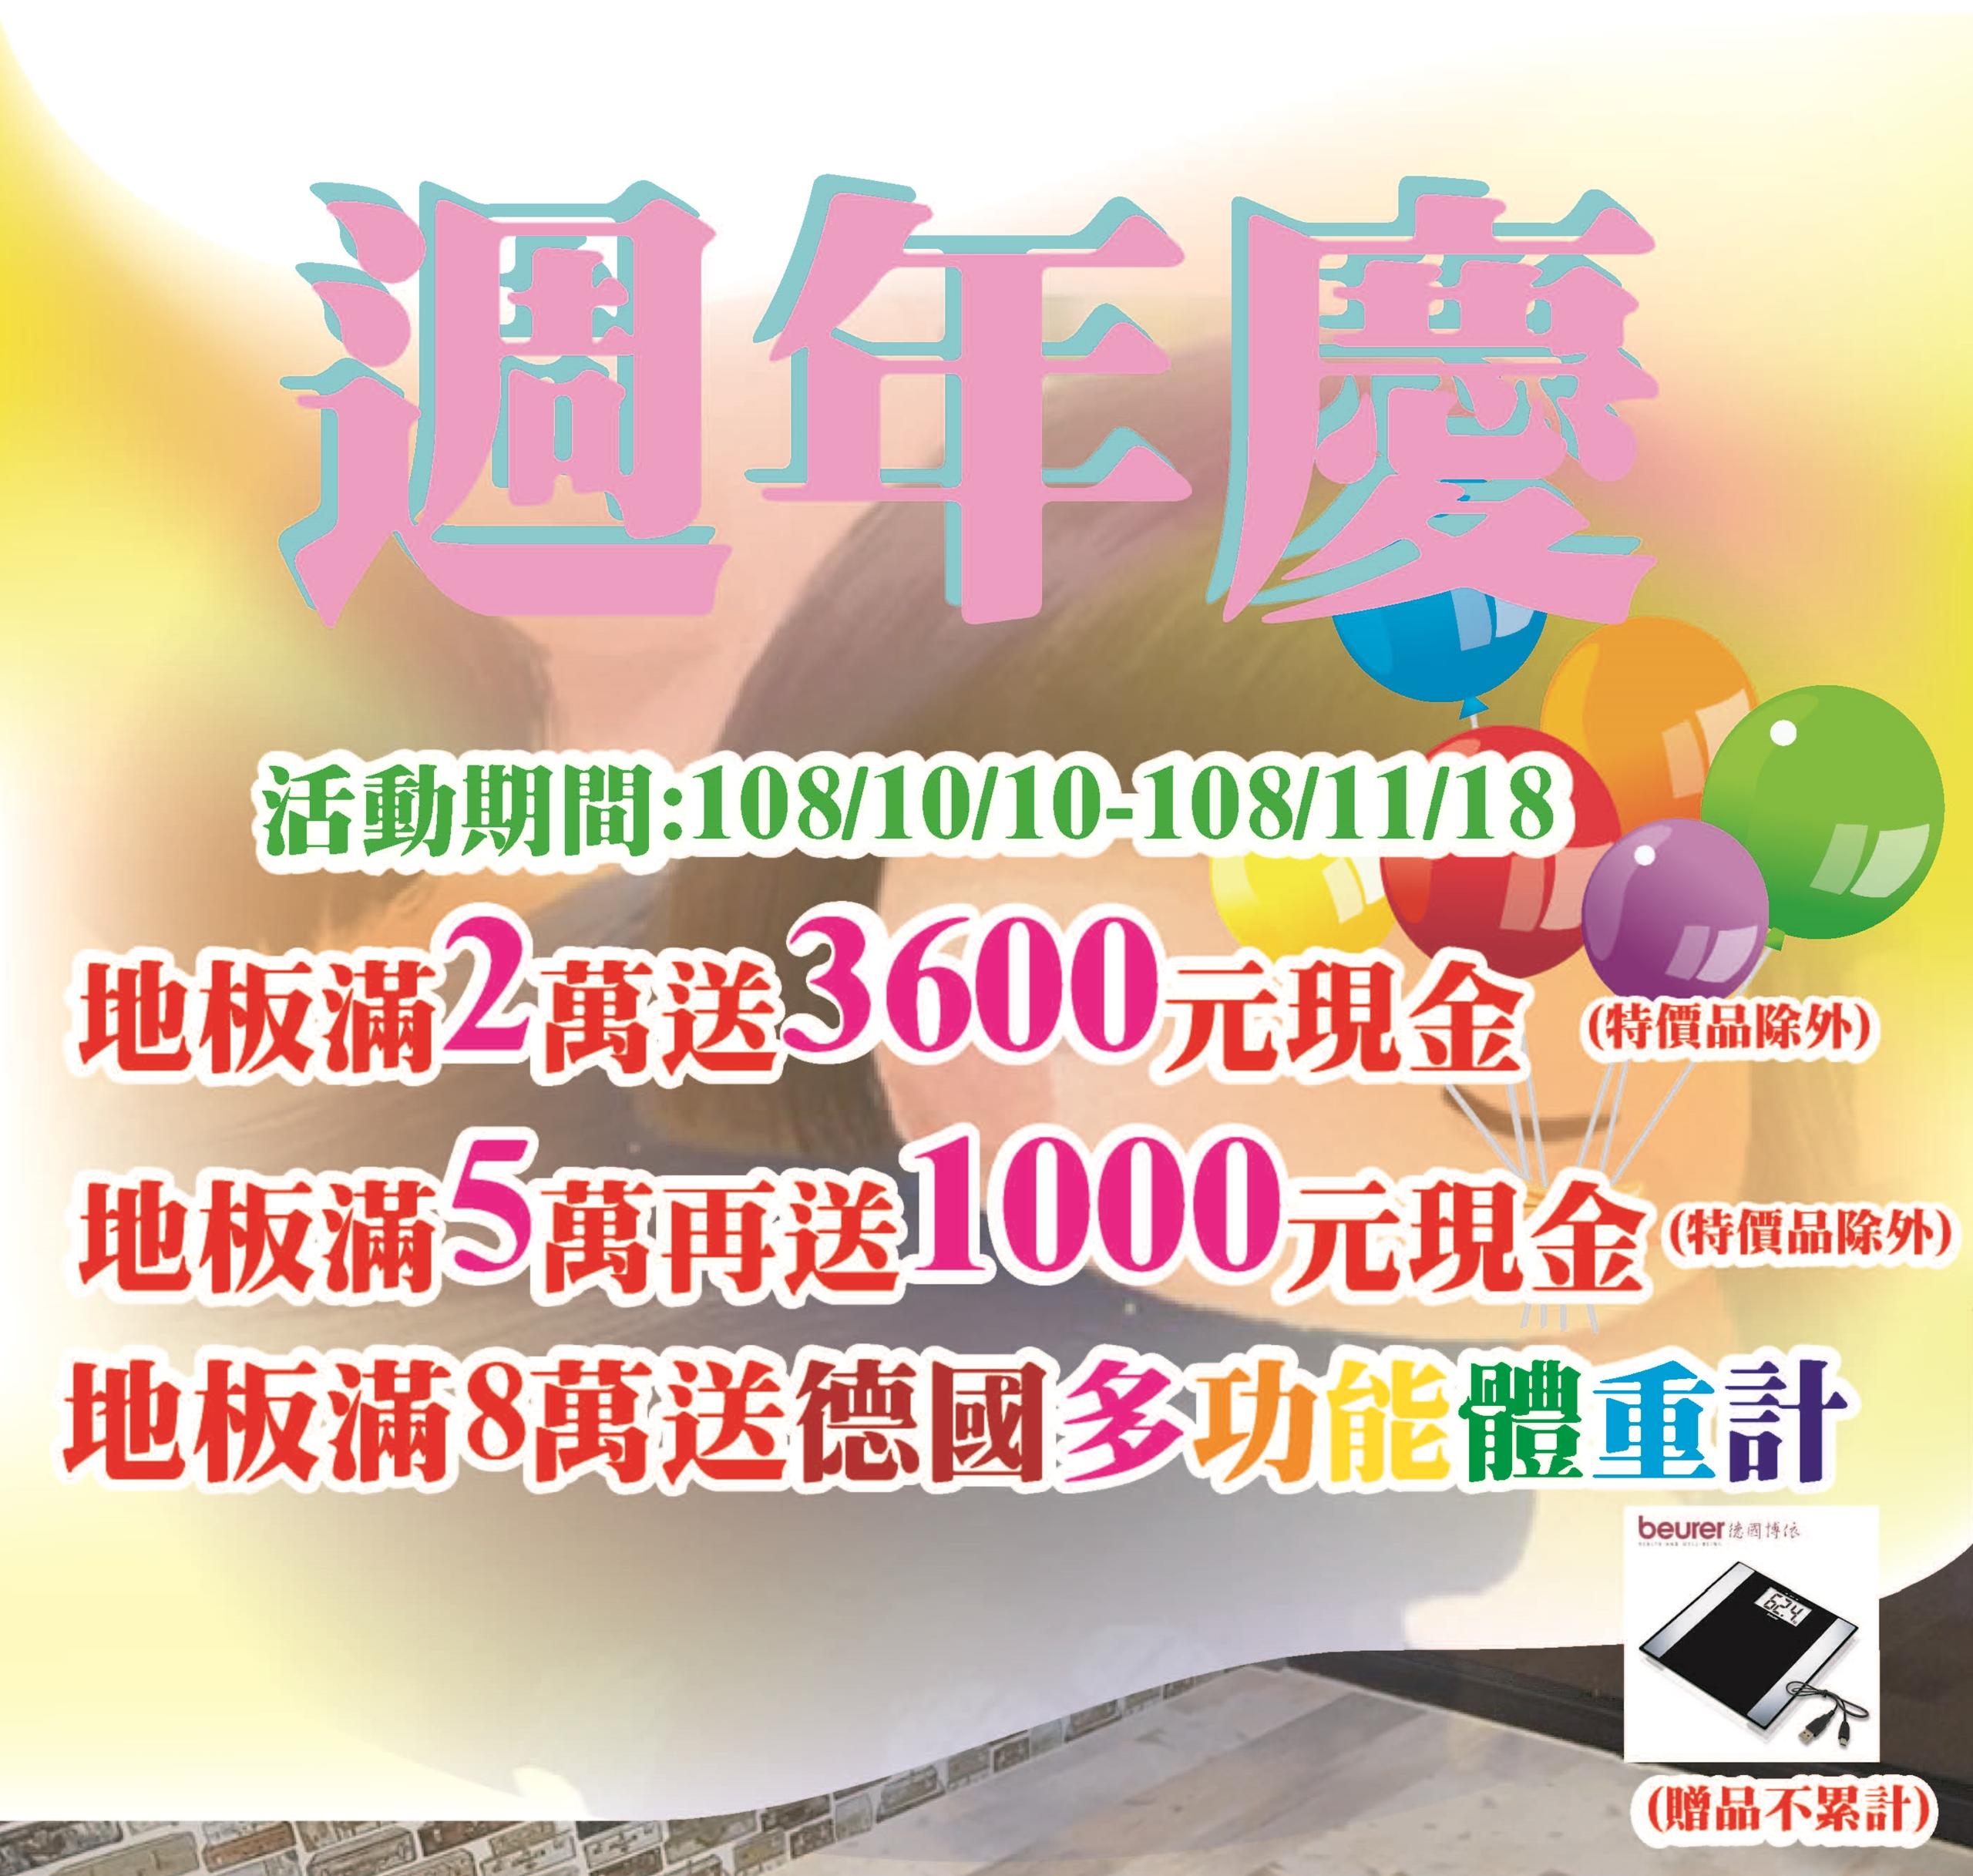 1060811-0918-年終慶-官網